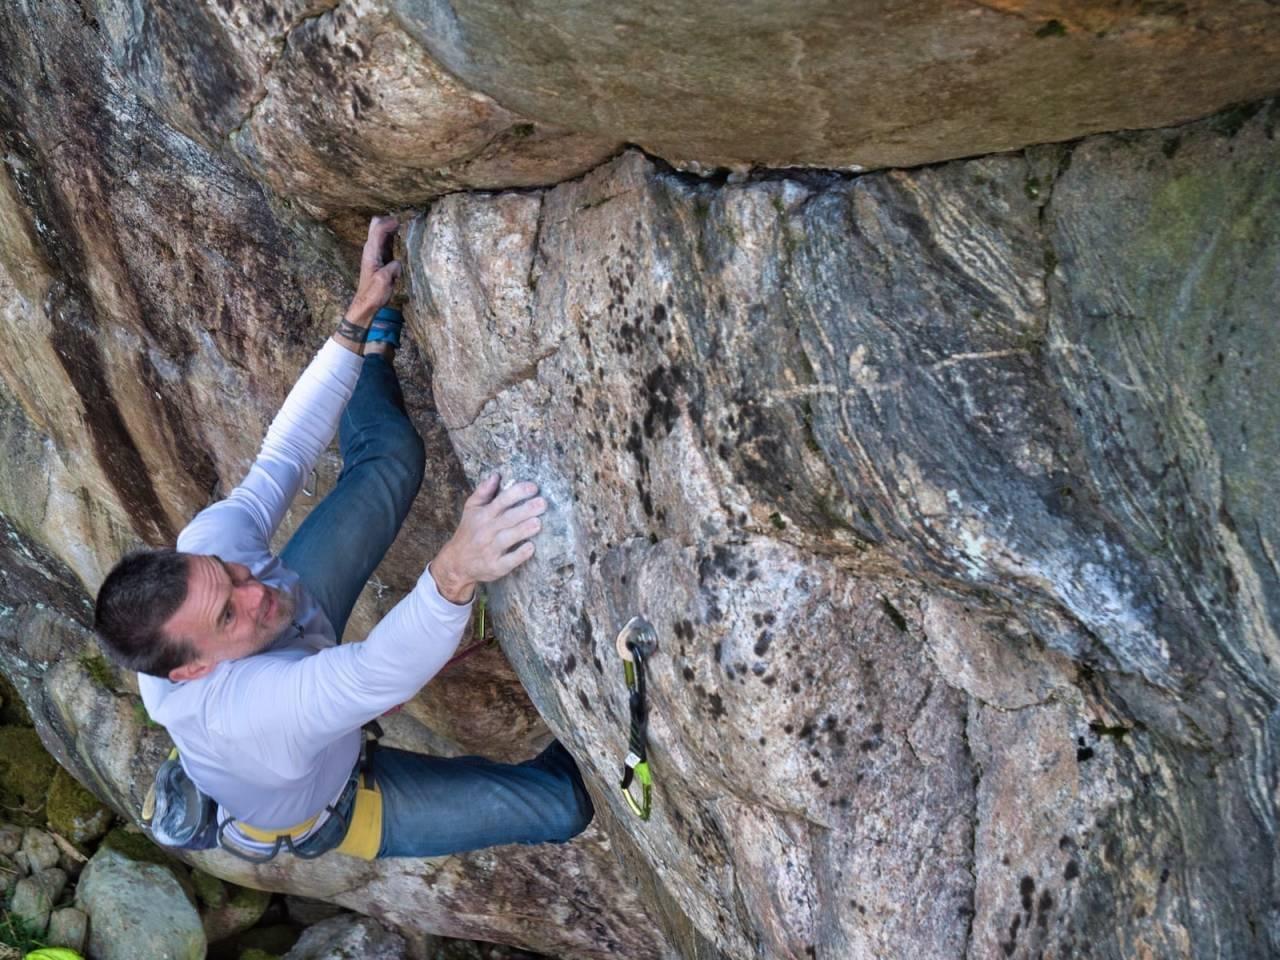 FORSKER: Gudmund Grønhaug samarbeider med Tallie Casucci fra universitetet i Utah om forskning relatert til klatring, skader, covid-19 og informasjonssøking. Nå trenger de dine svar! Foto: Jørgen Hauge Skogmo.